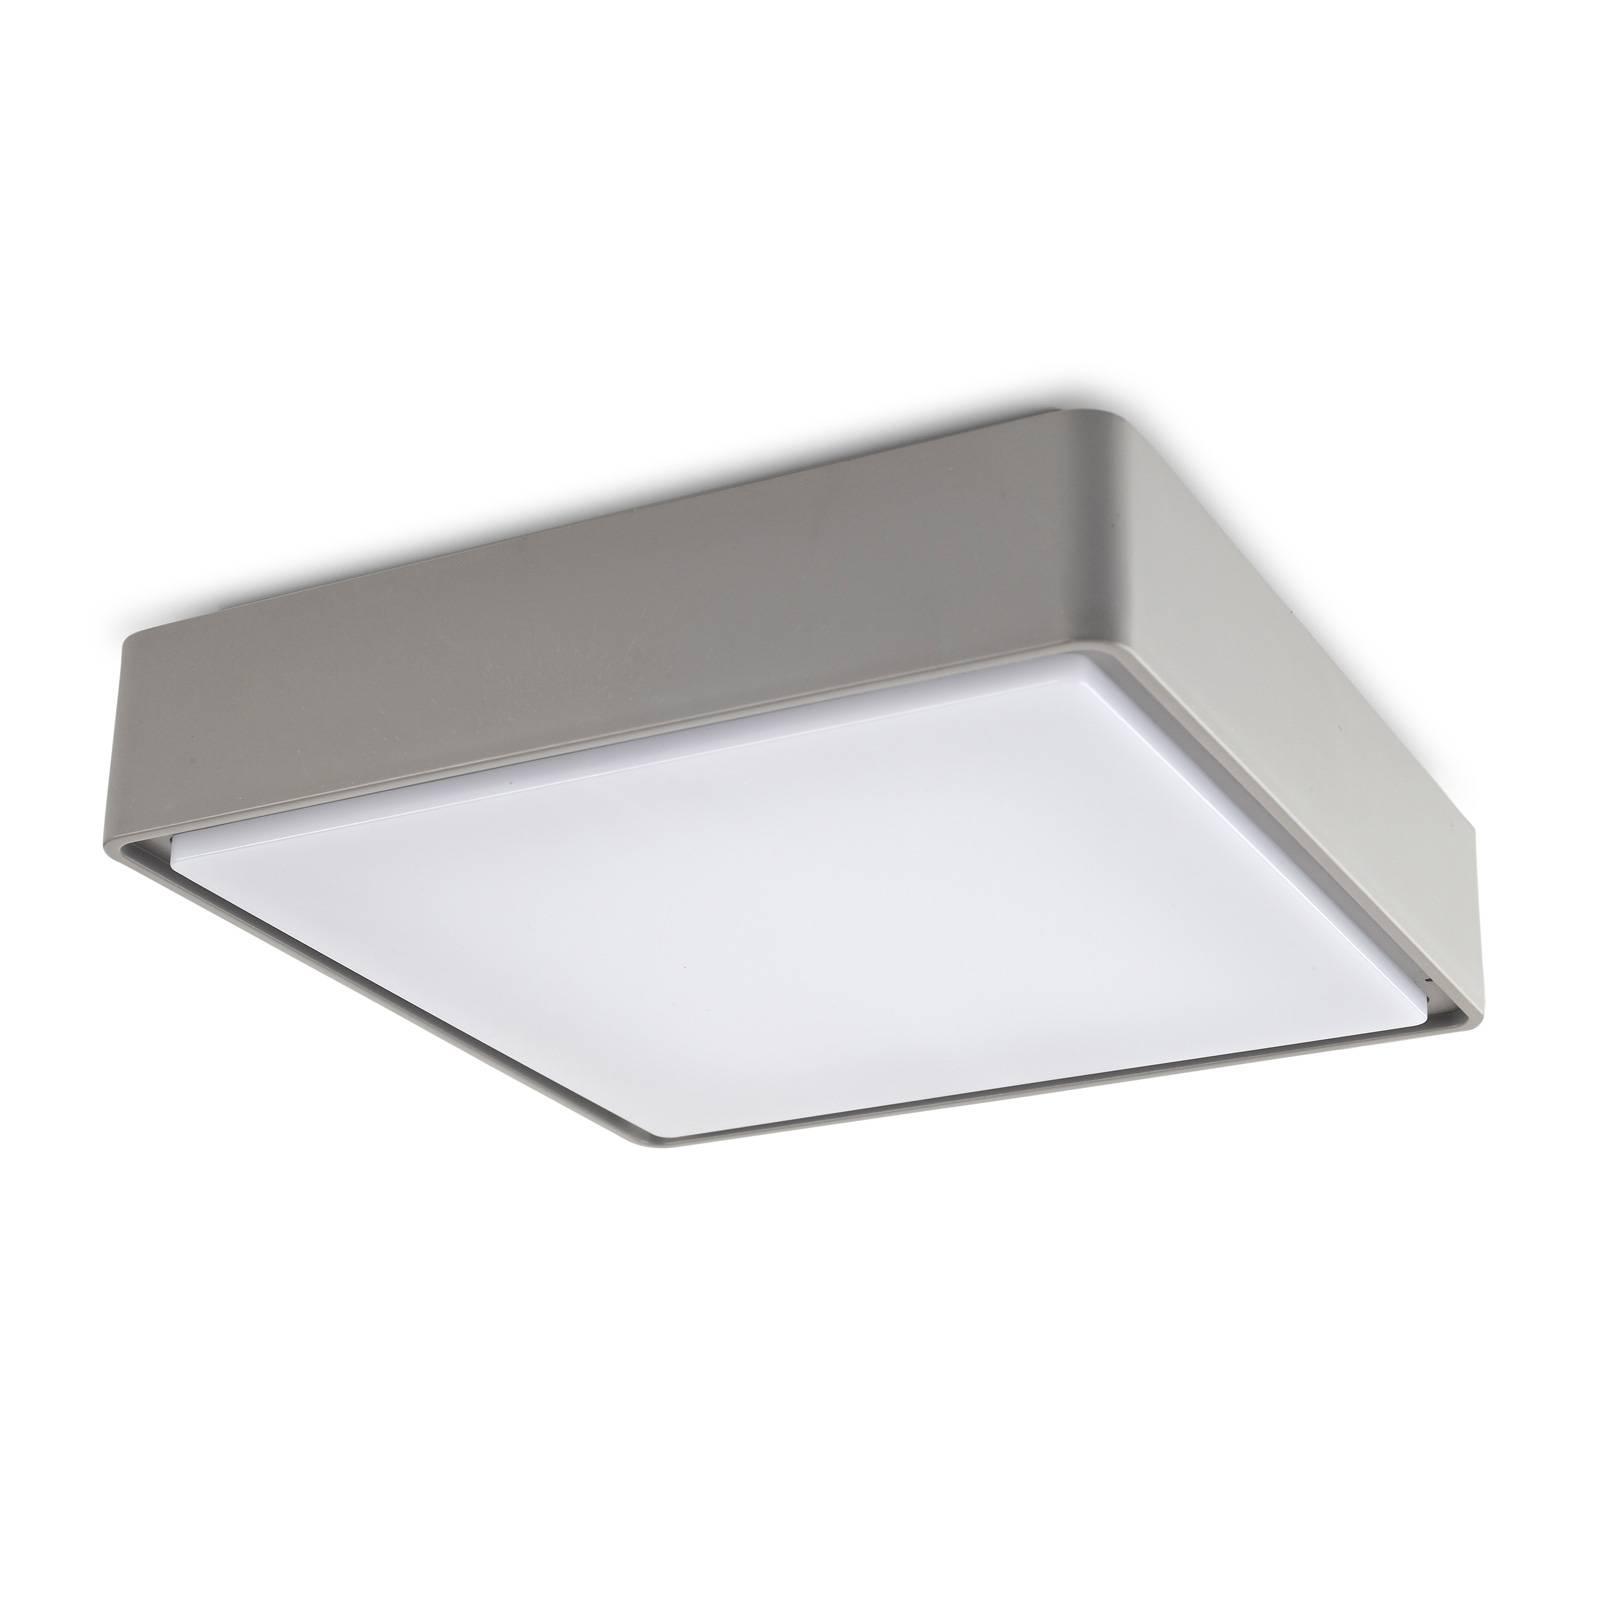 LEDS-C4 Kössel Deckenleuchte für außen